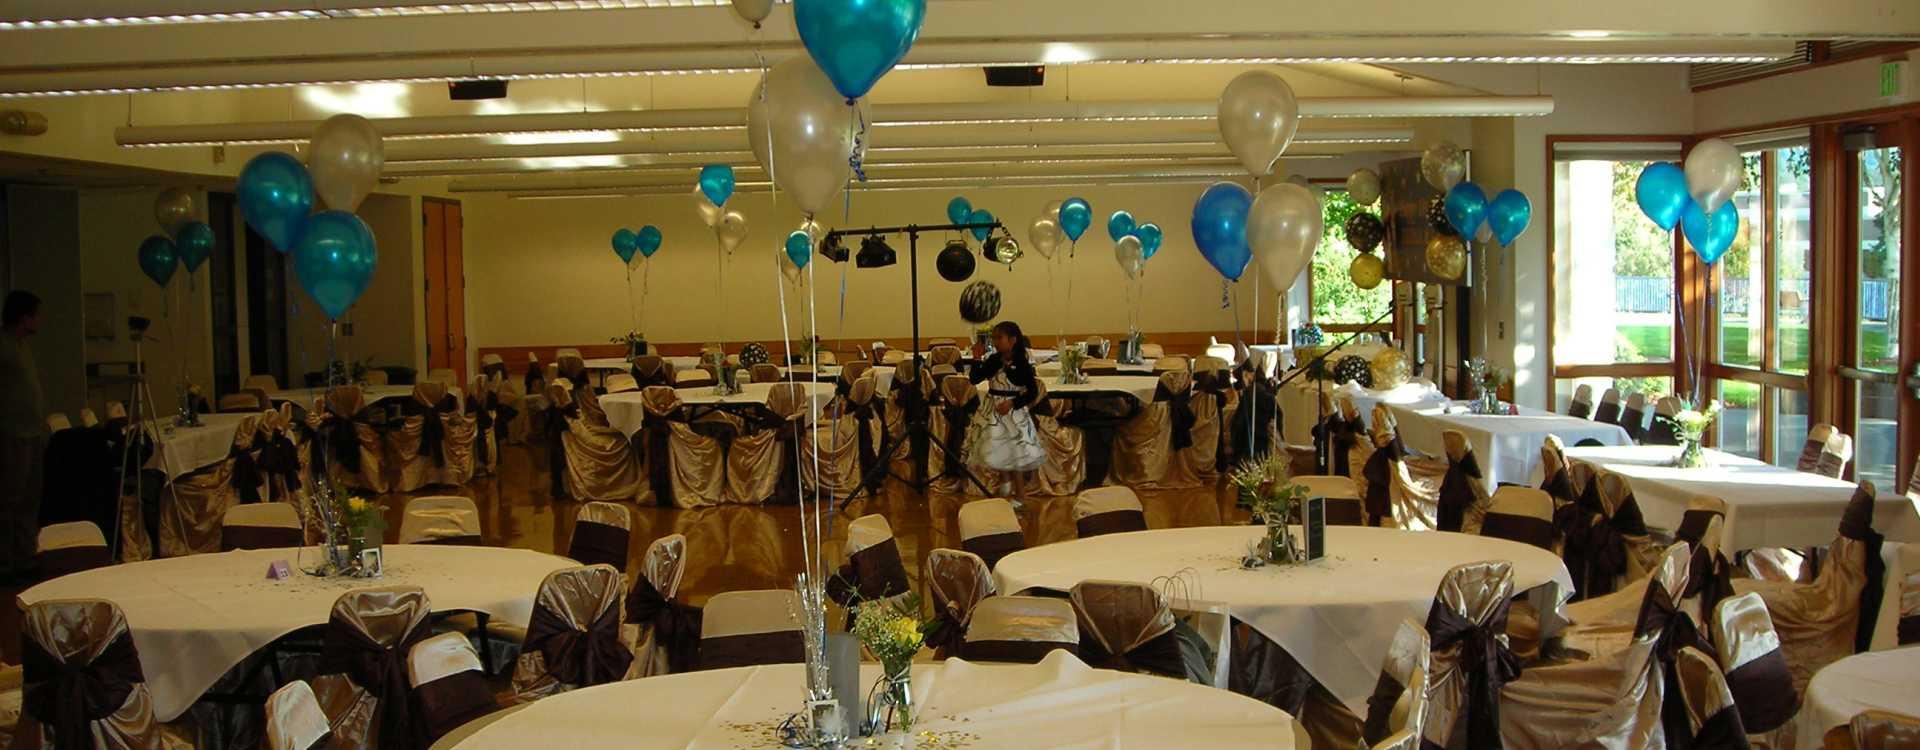 Tukwila Community Center Social Event